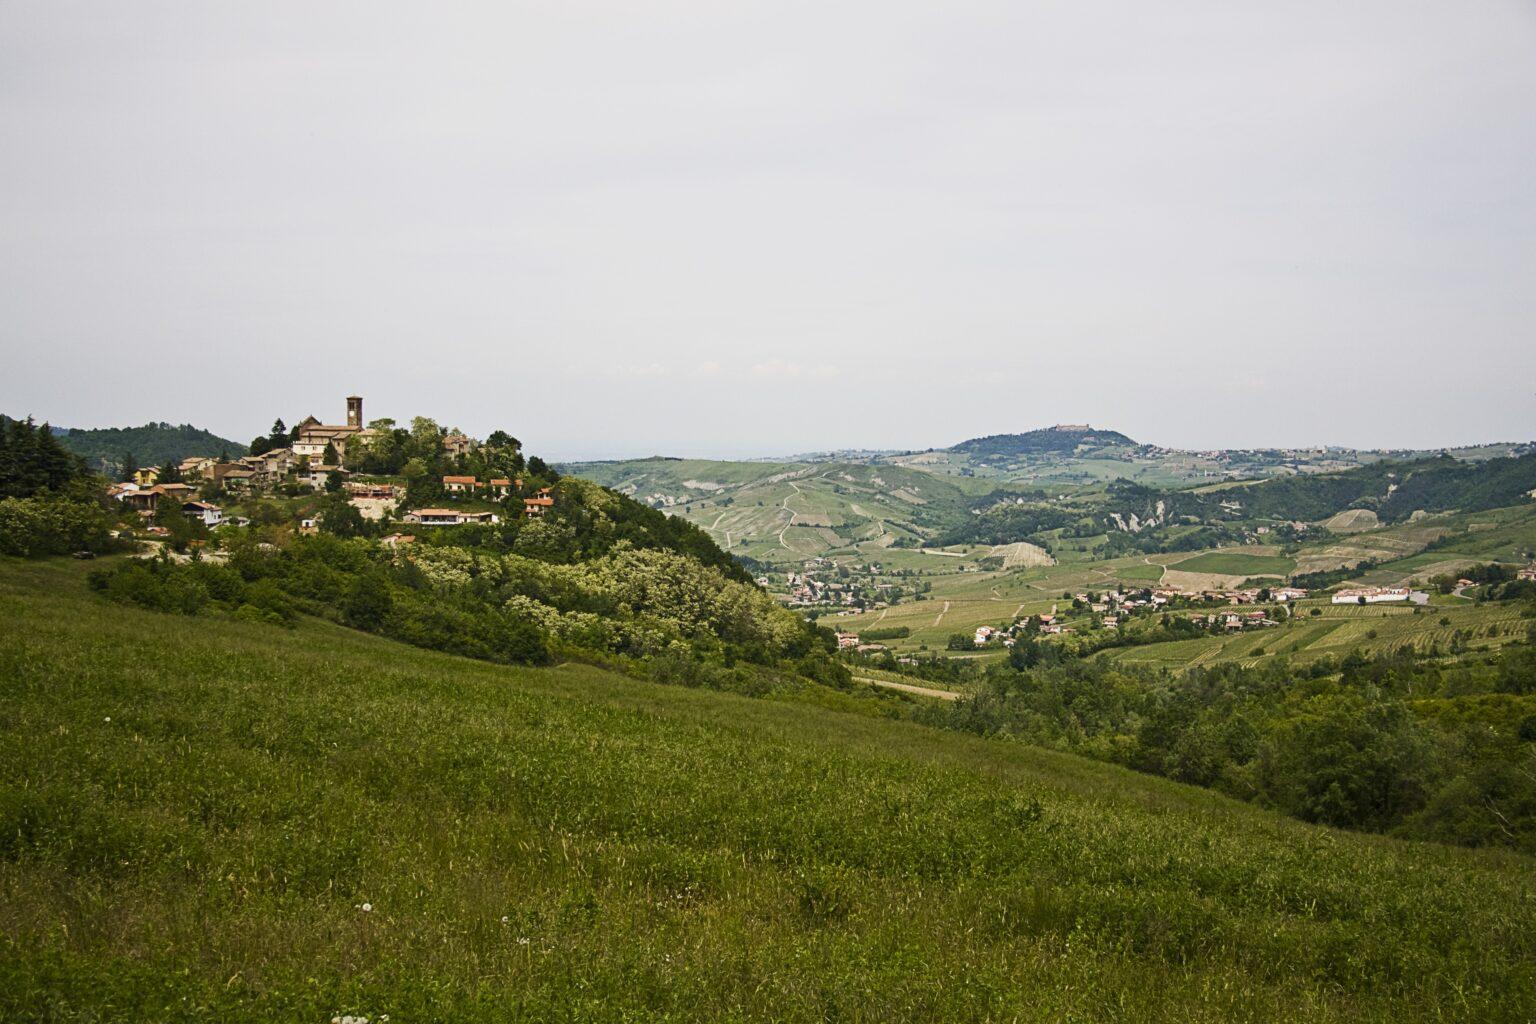 Vemos uma grande área verde. Ao longe, um mirante com algumas casa. Mais ao fundo, é possível começar a visualizar os limites de uma pequena cidade.